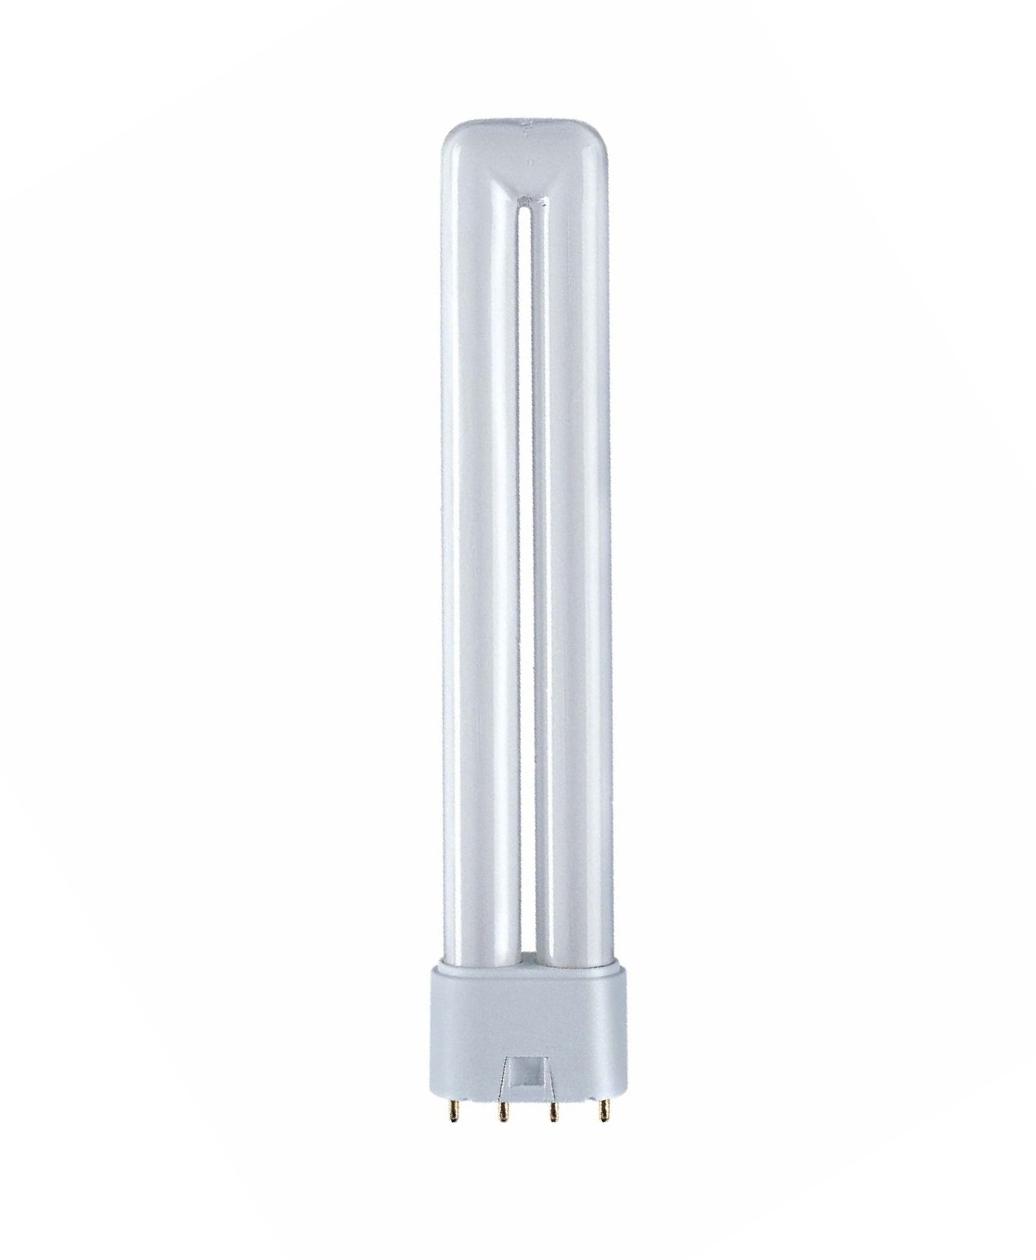 TC-L 55W/830 2G11, Warmweiß, Kompaktleuchtstofflampe